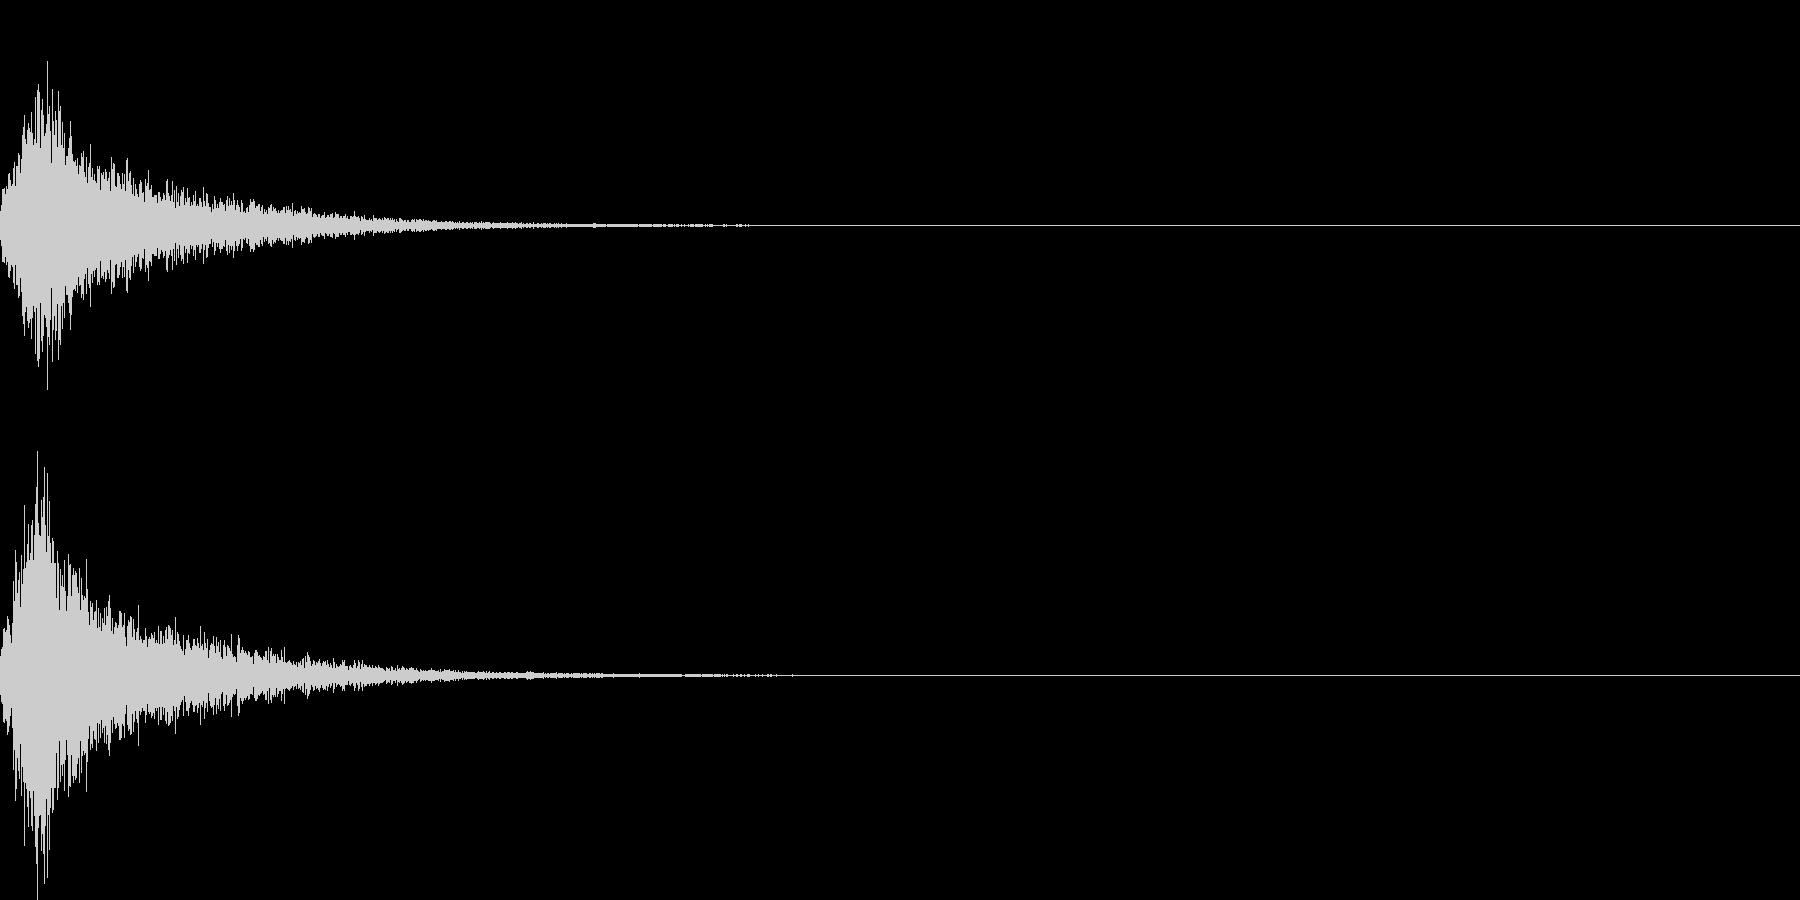 ジャン(オーケストラヒット中クラシック)の未再生の波形